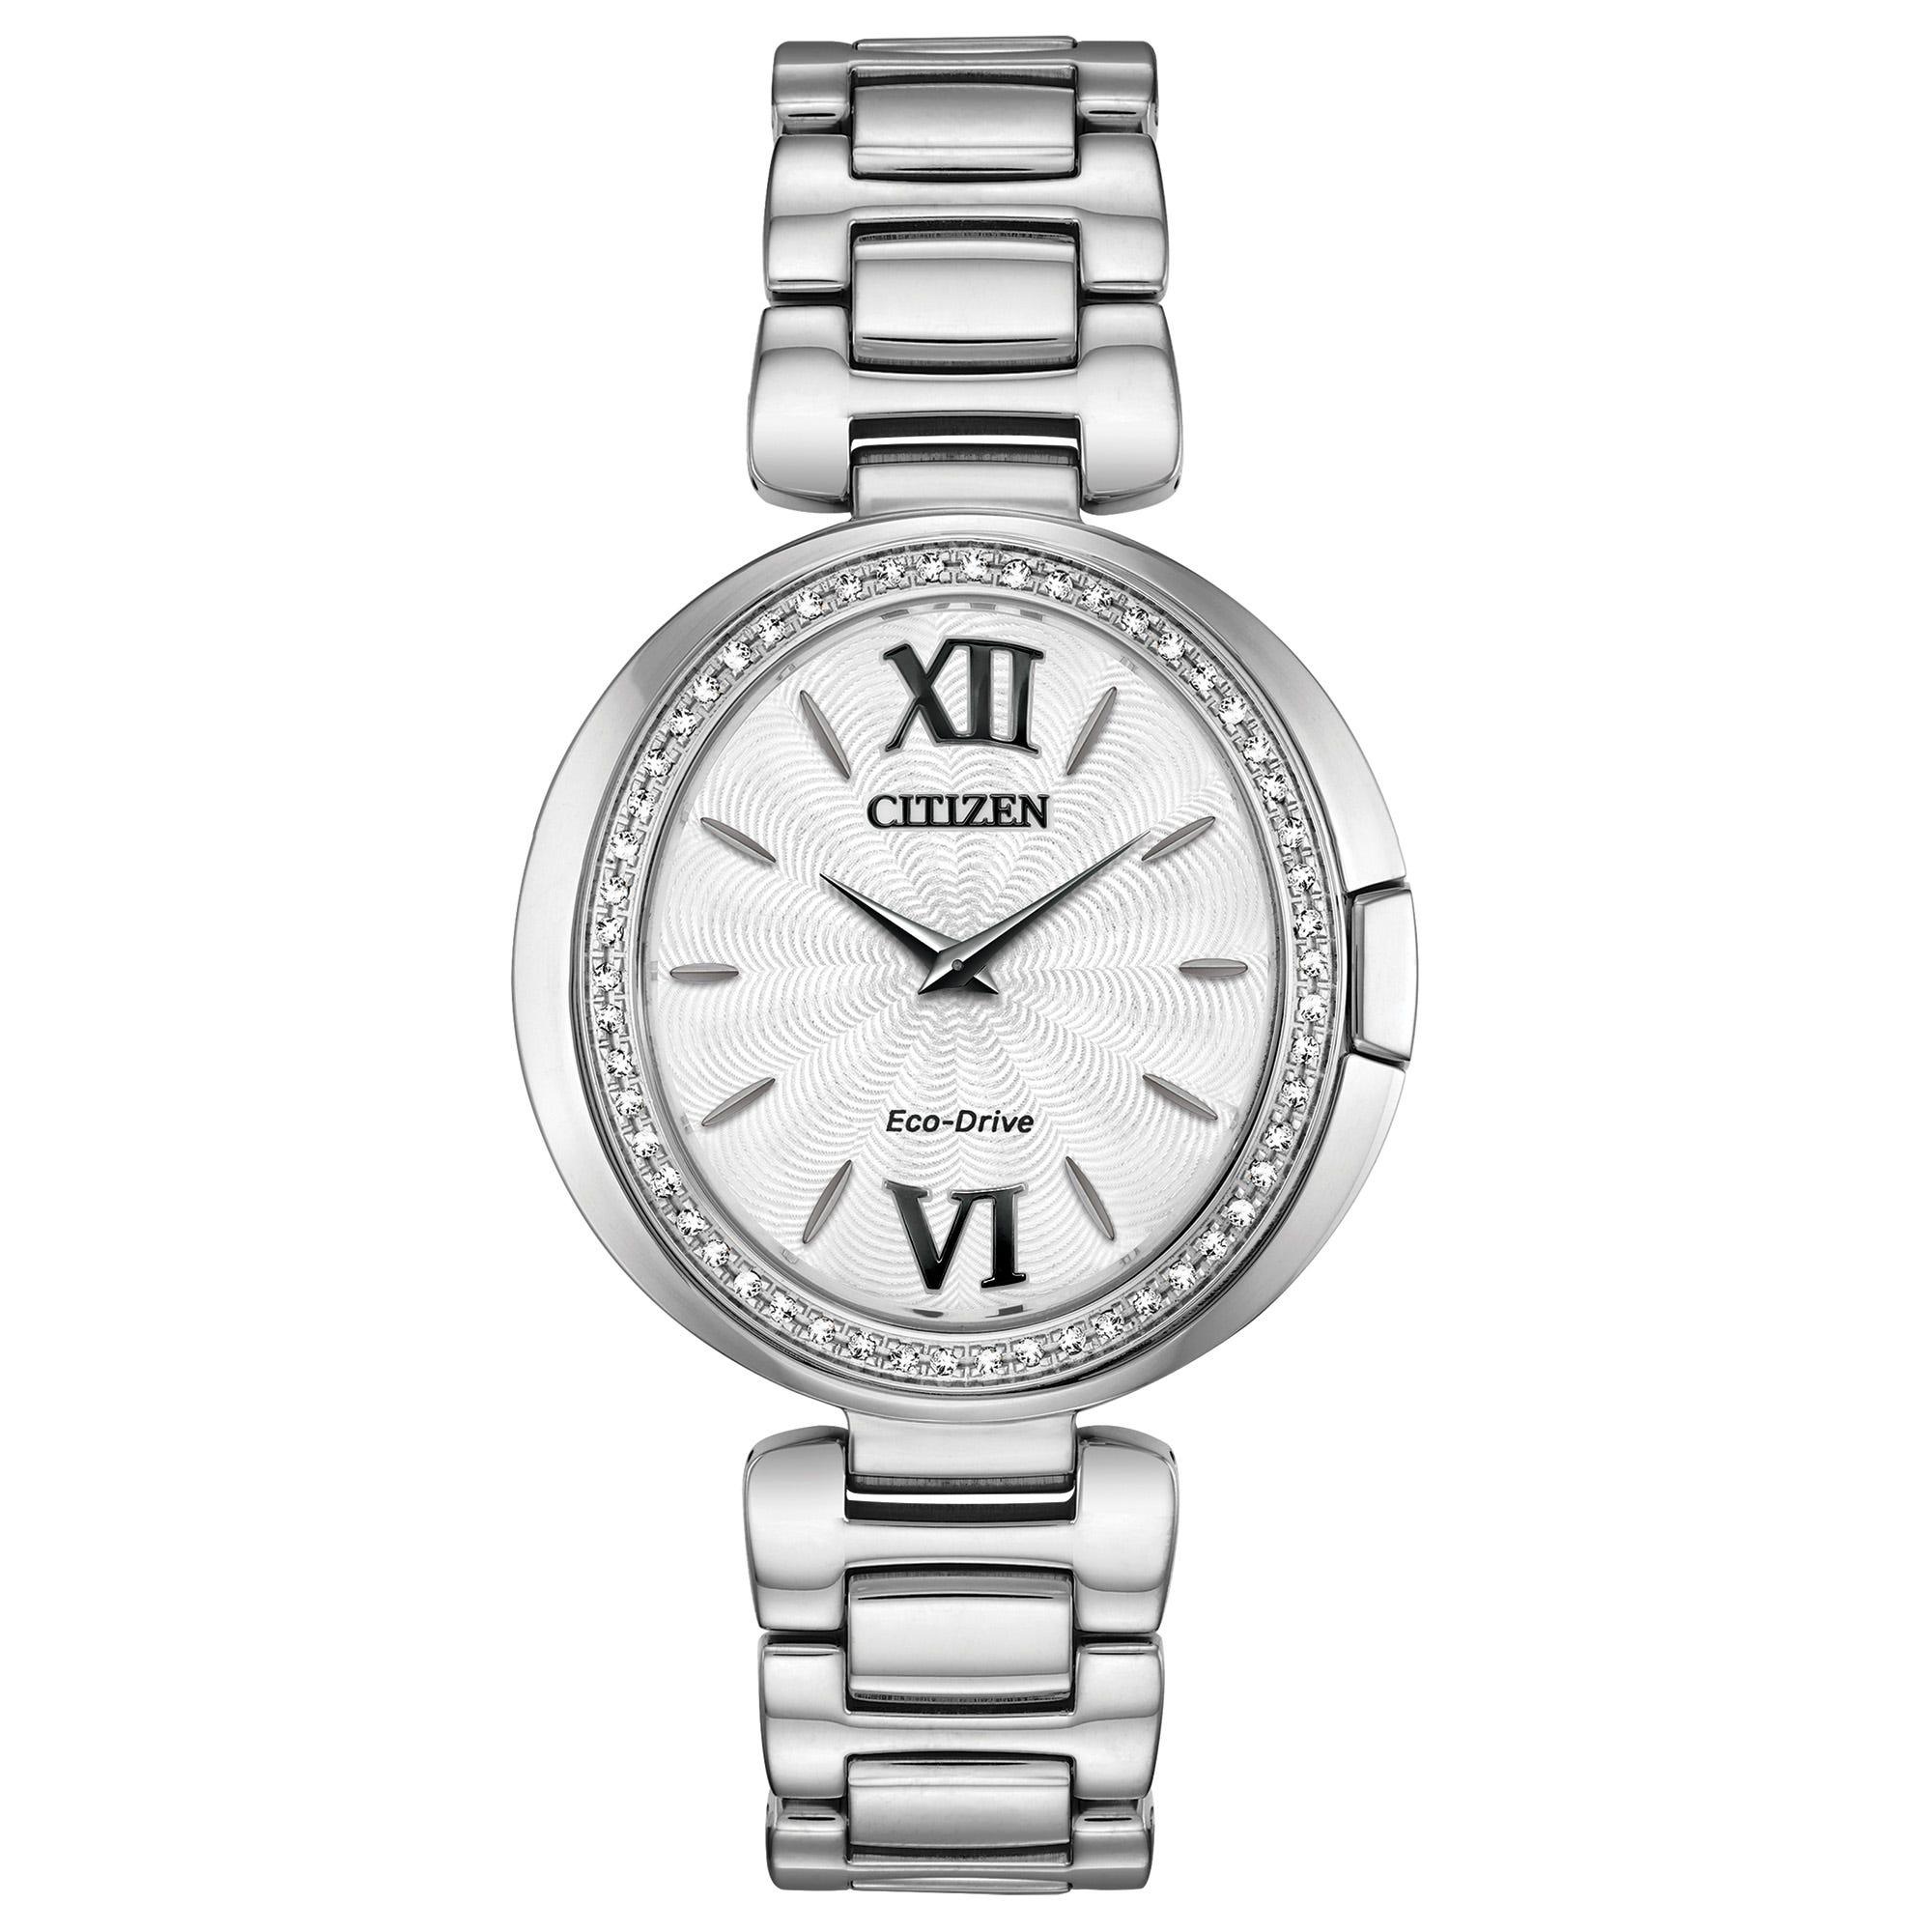 Citizen Ladies' Capella Watch EX1500-52A